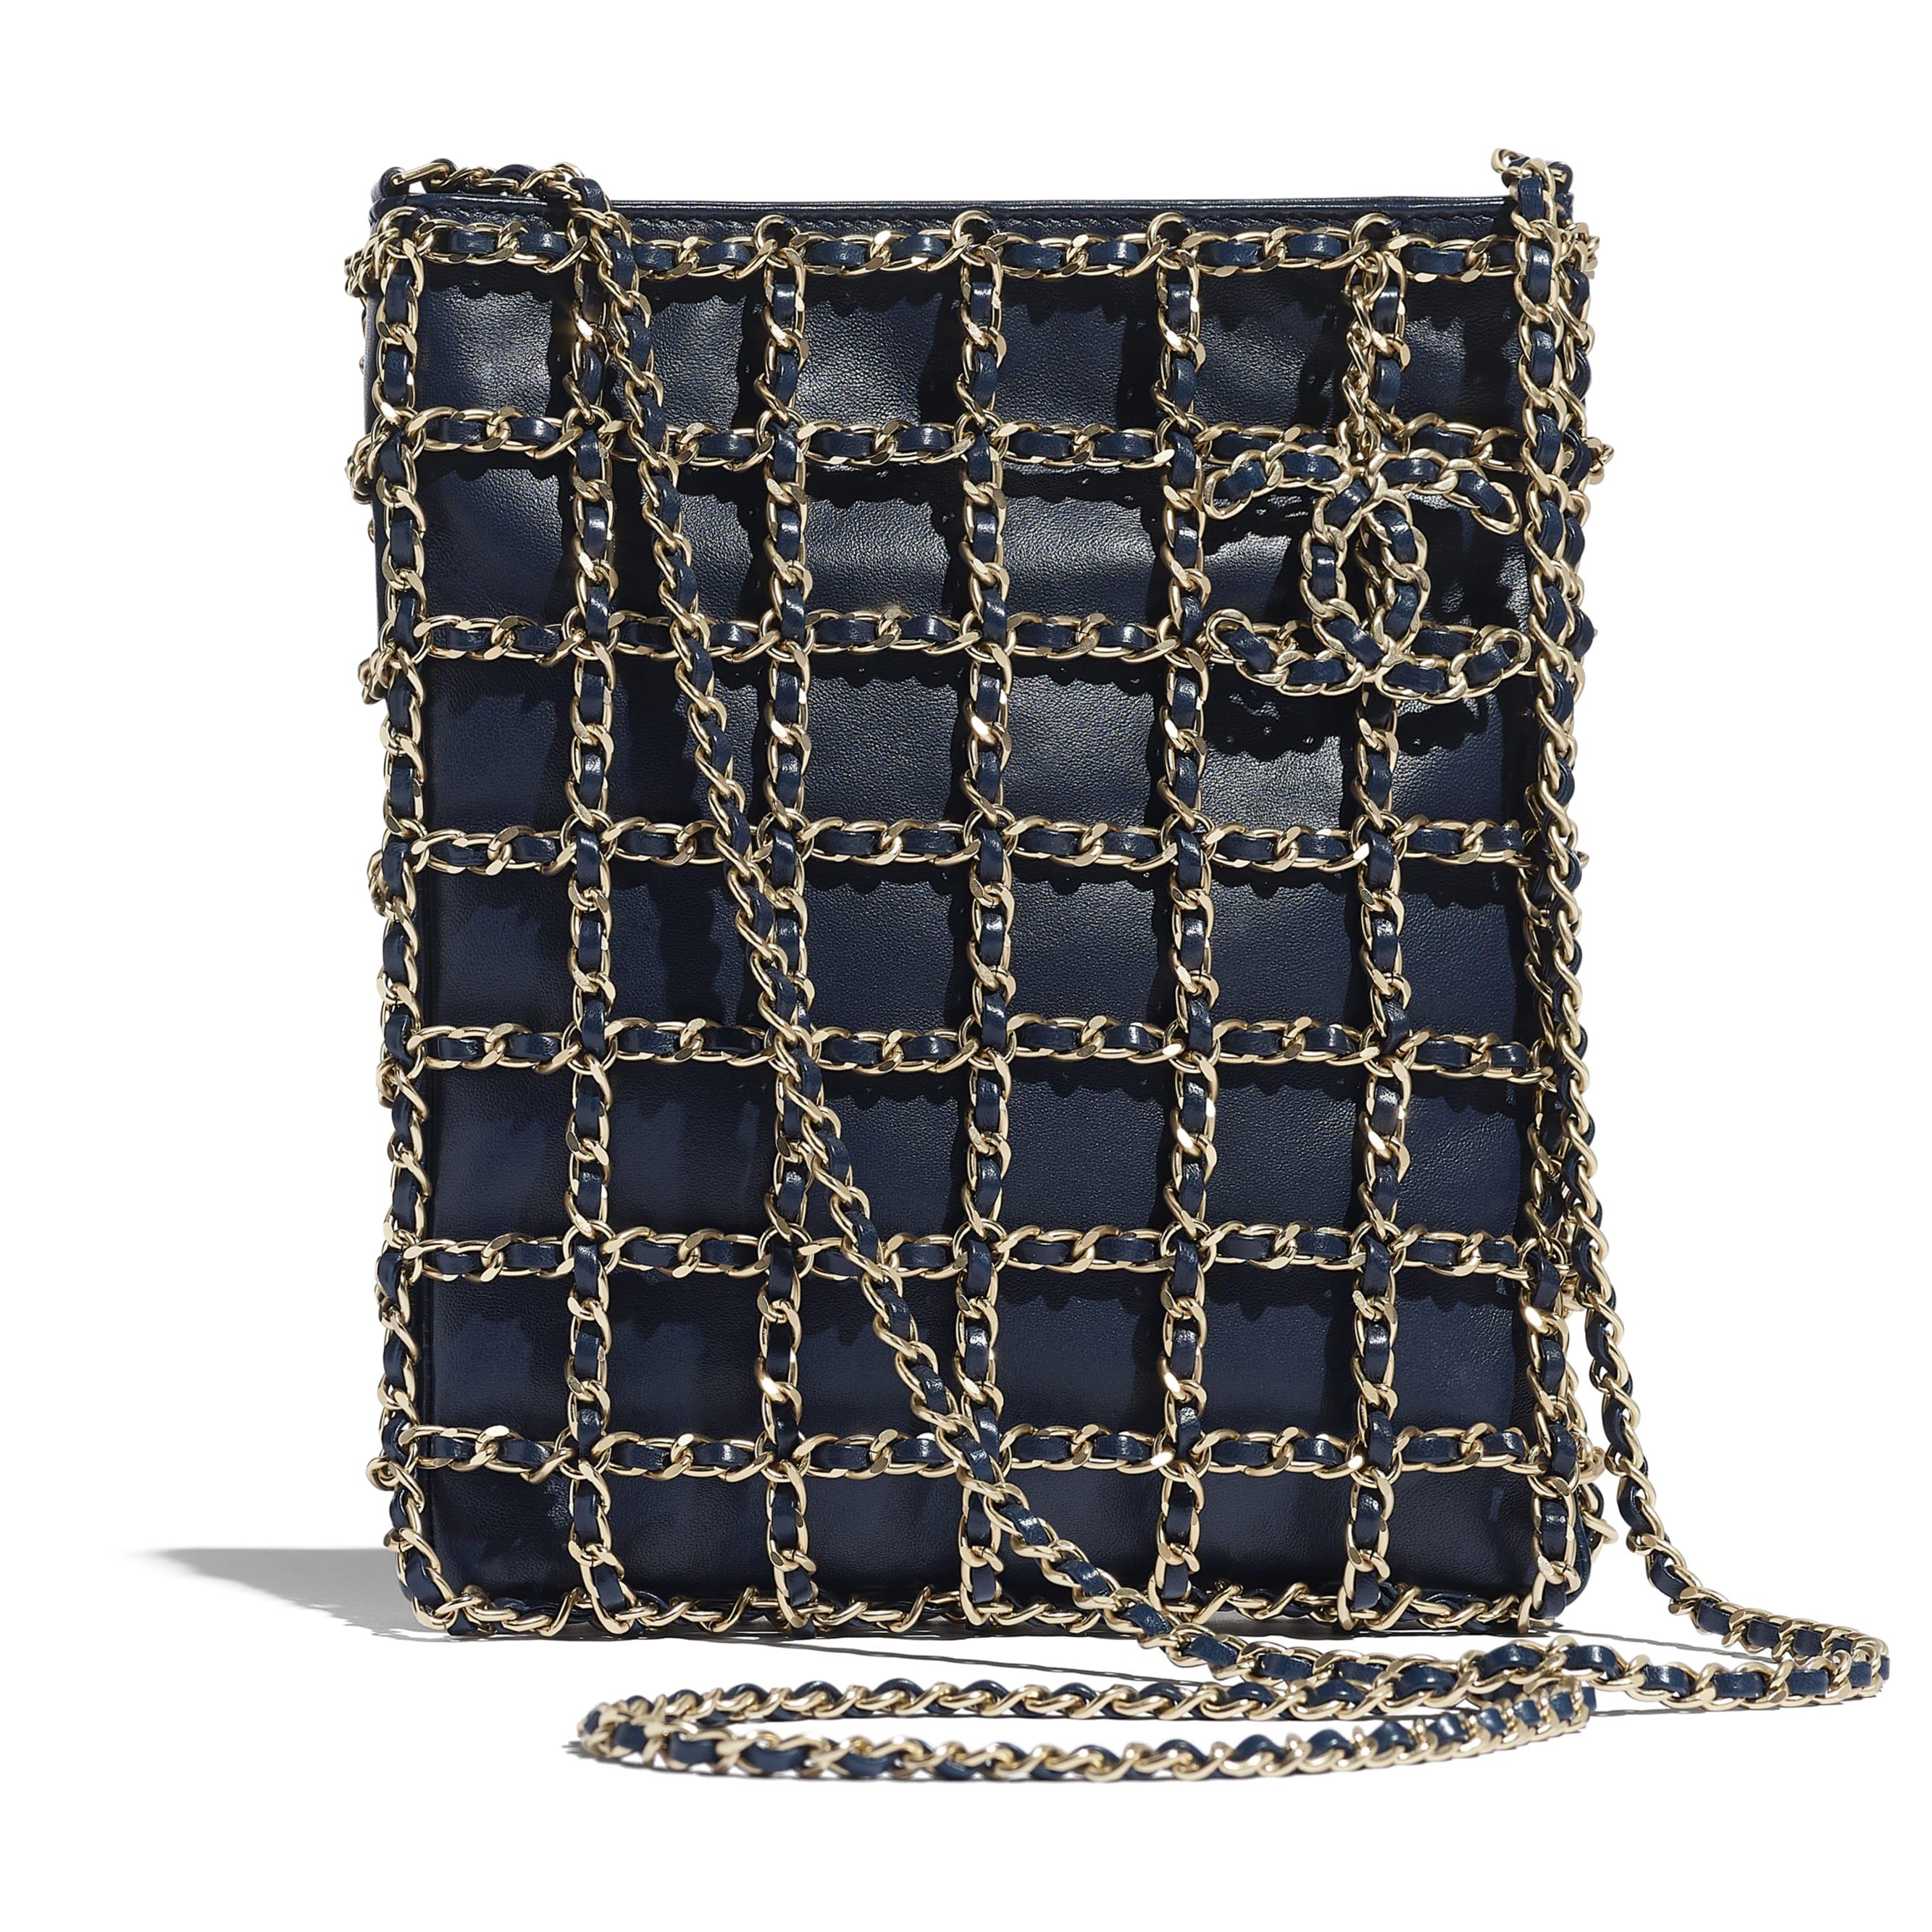 小型購物包 - 海軍藍 - 小羊皮與金色金屬 - CHANEL - 預設視圖 - 查看標準尺寸版本